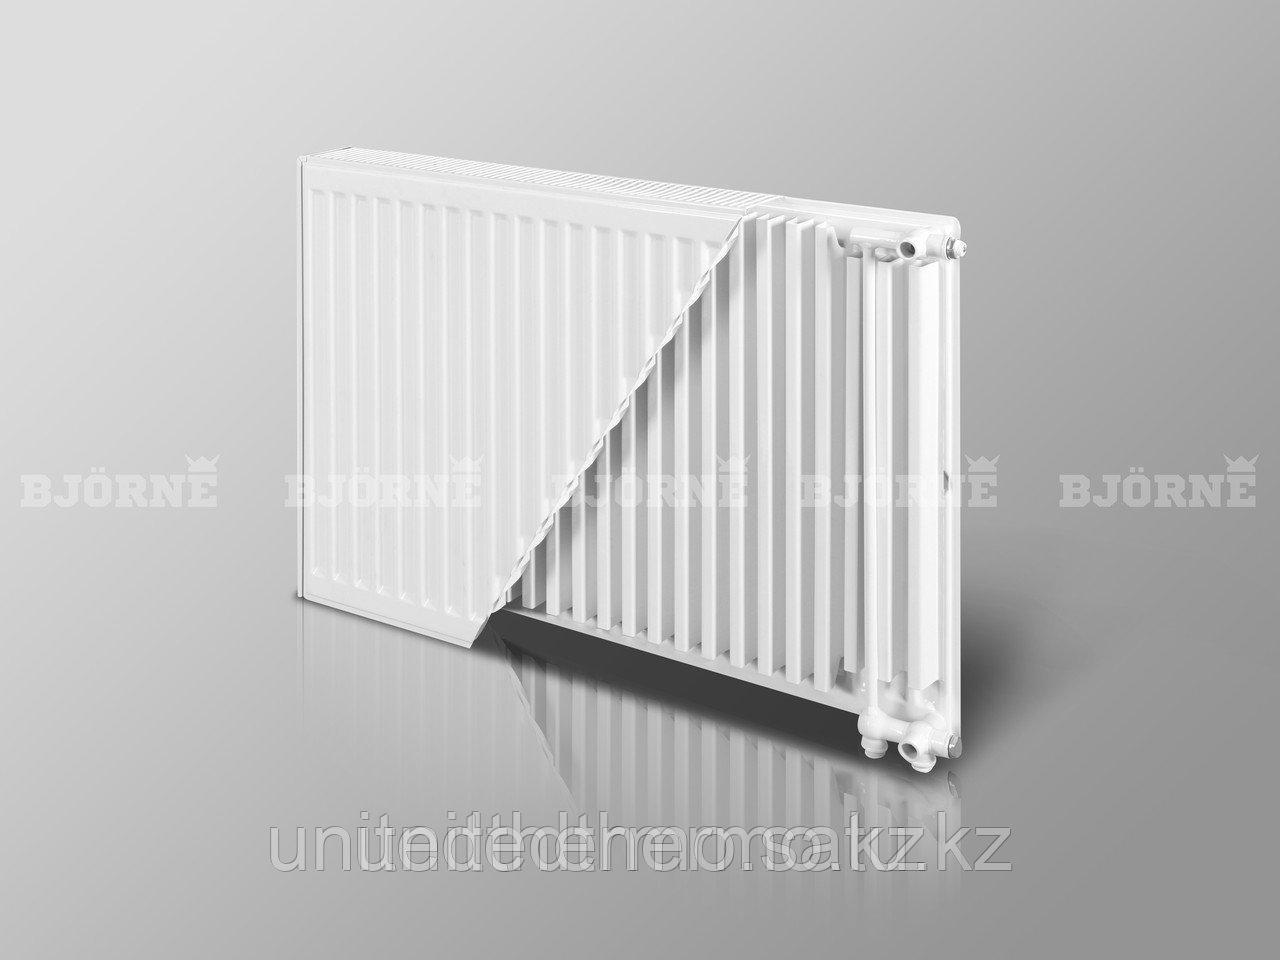 Стальной панельный радиатор Bjorne тип 33VK H900мм*L400мм до L3000мм нижнее подключение